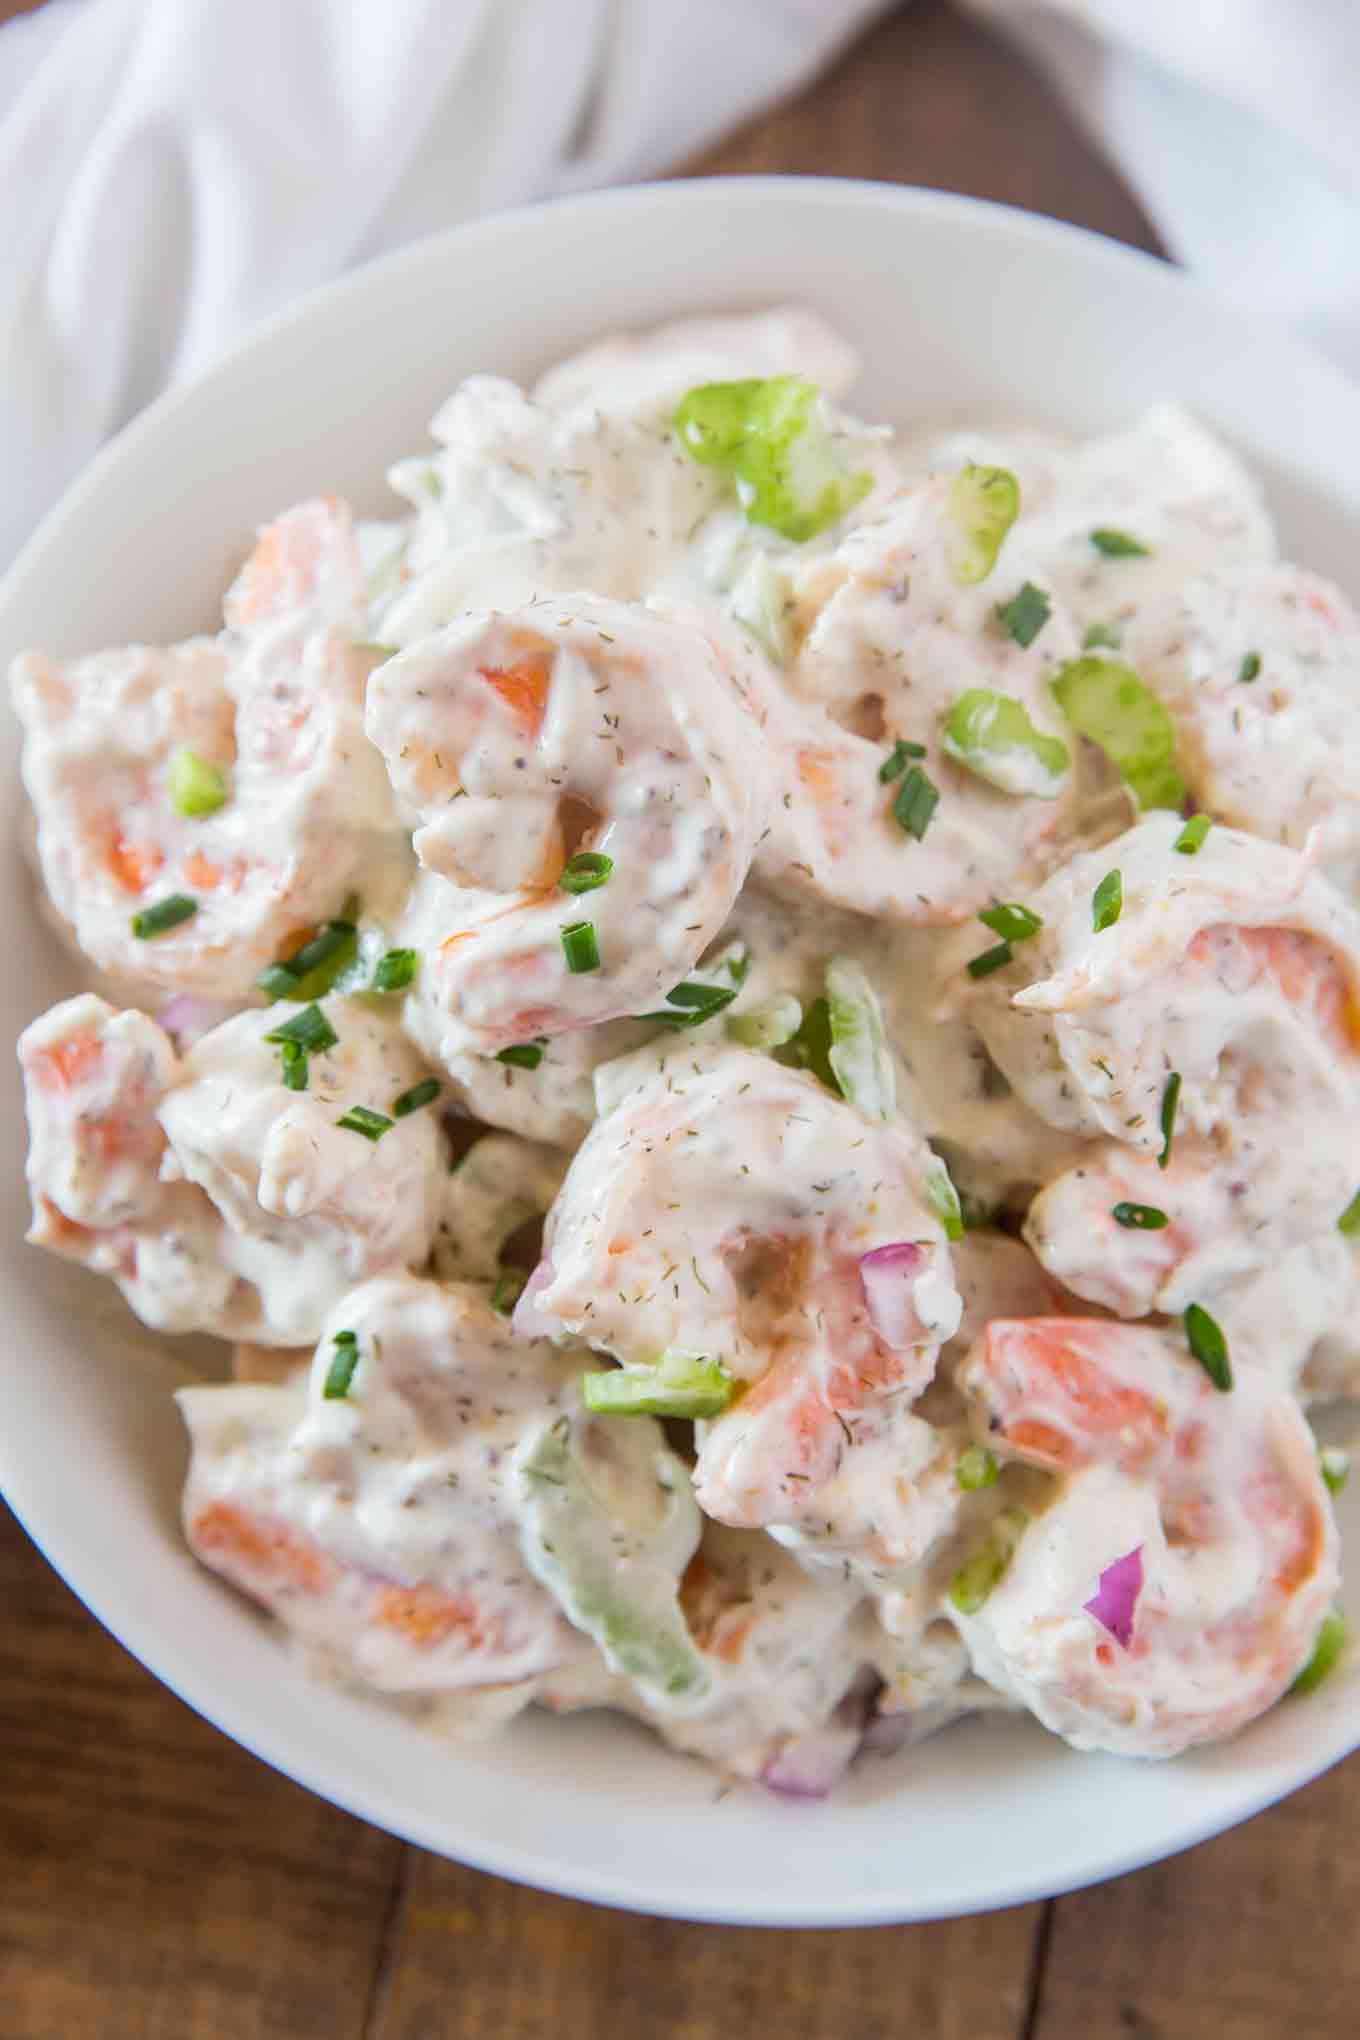 Shrimps Rezepte cremiger Salat Vorspeise Abendessen